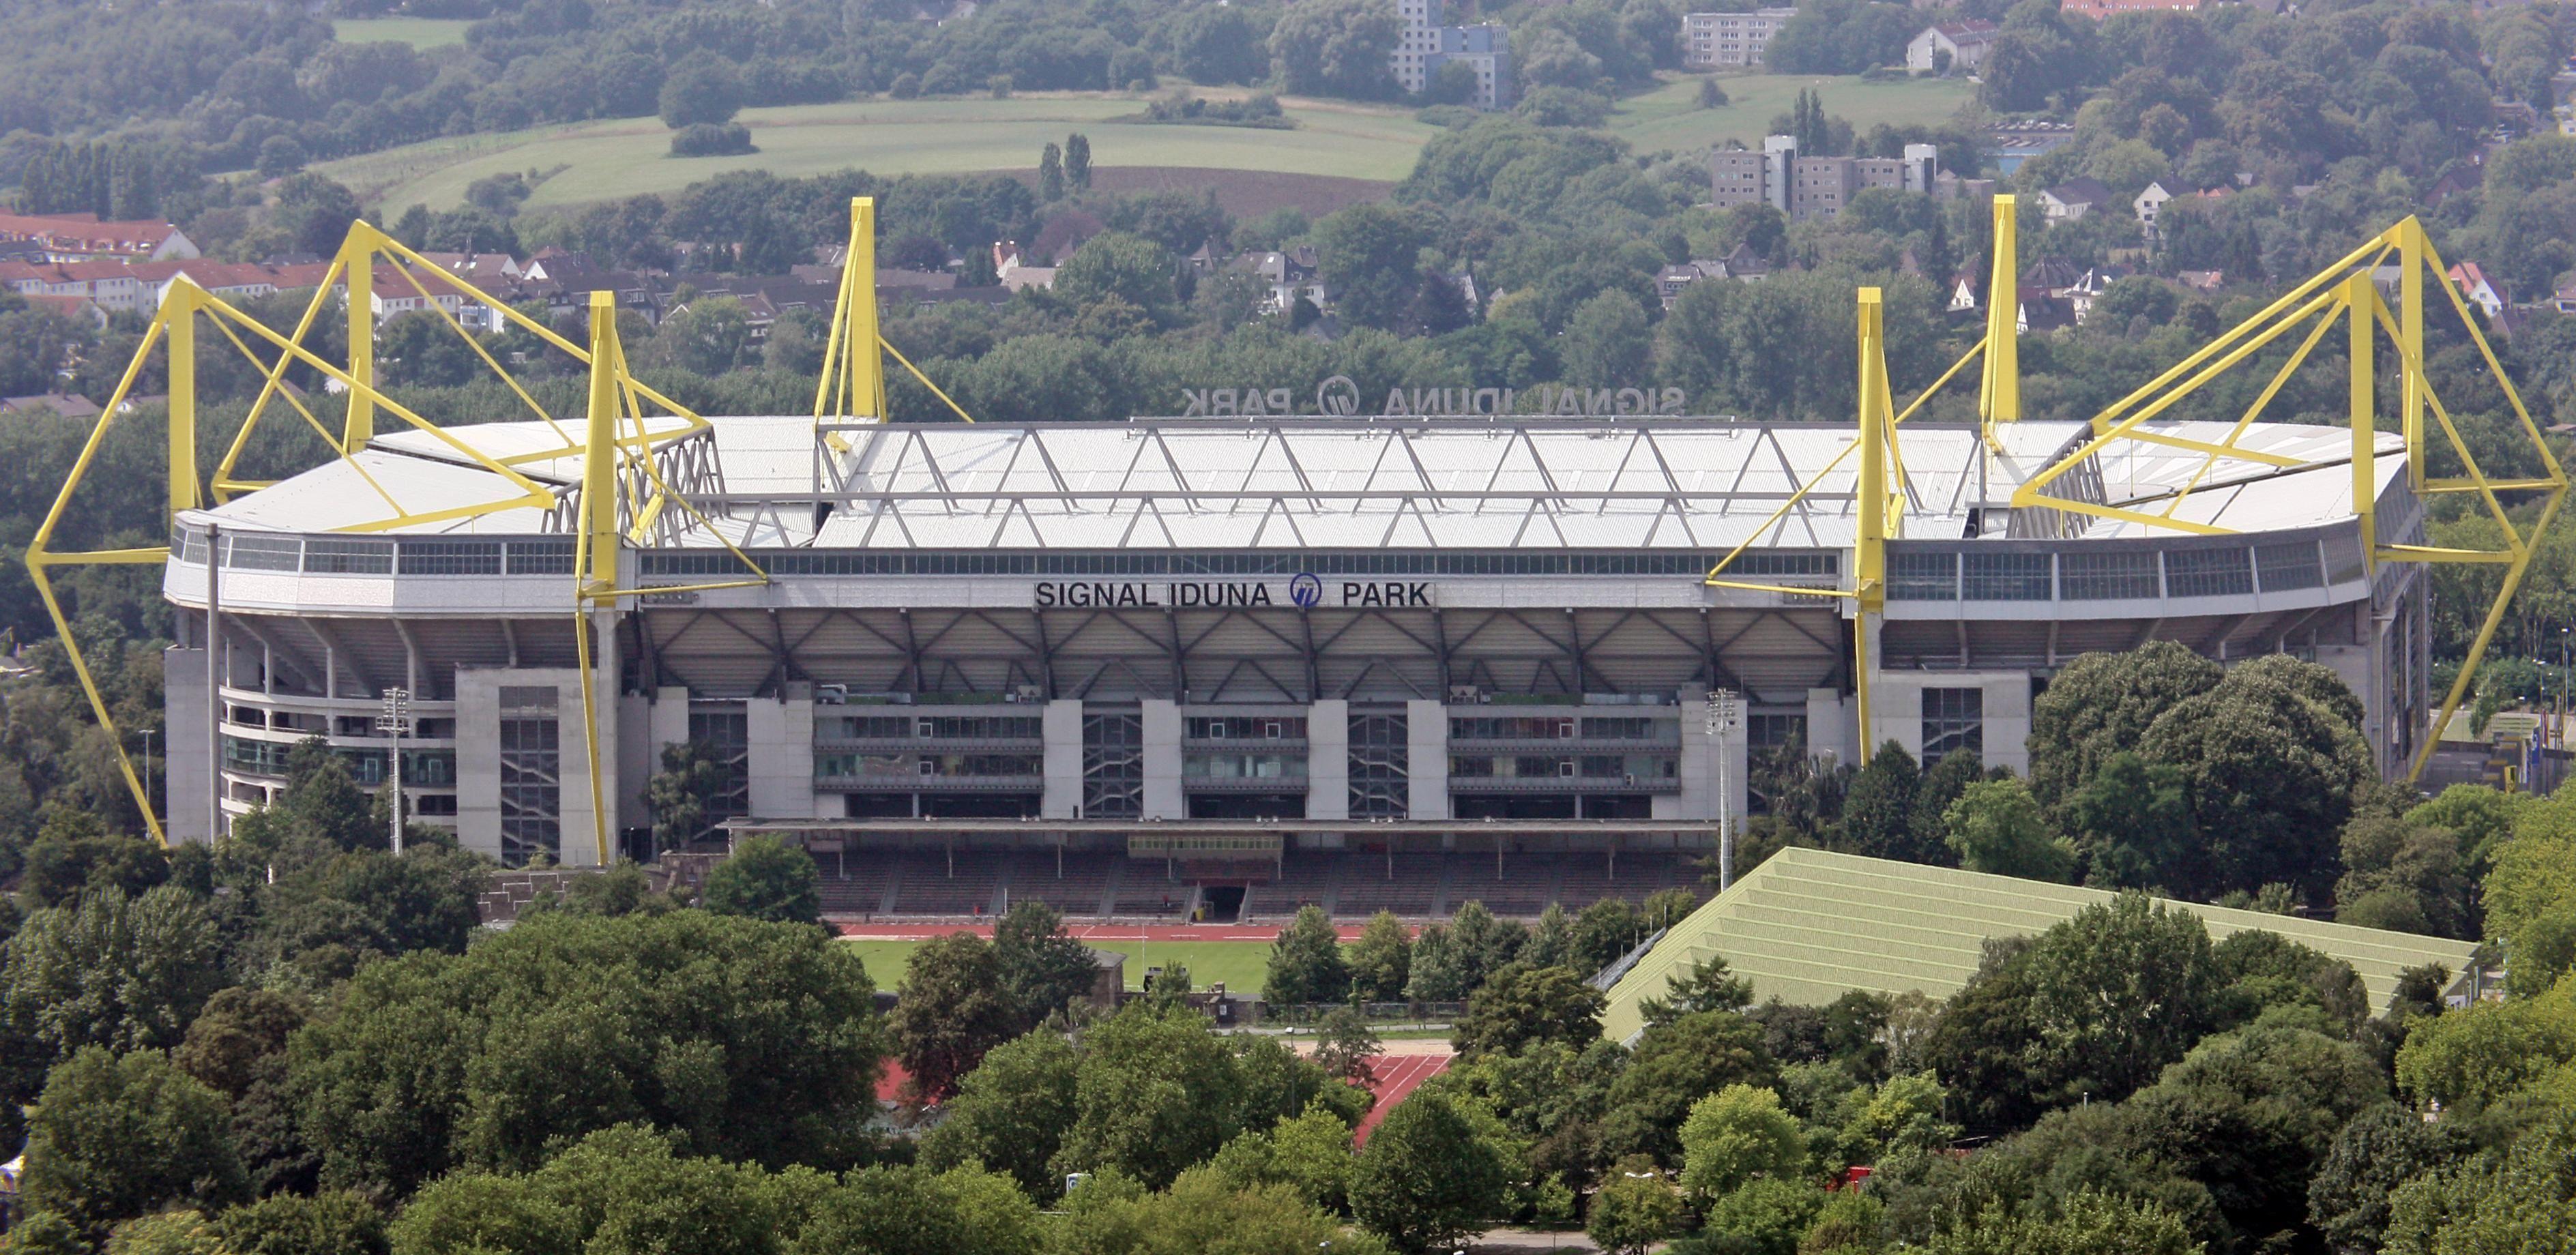 ¿Quién juega en El Signal Iduna Park?